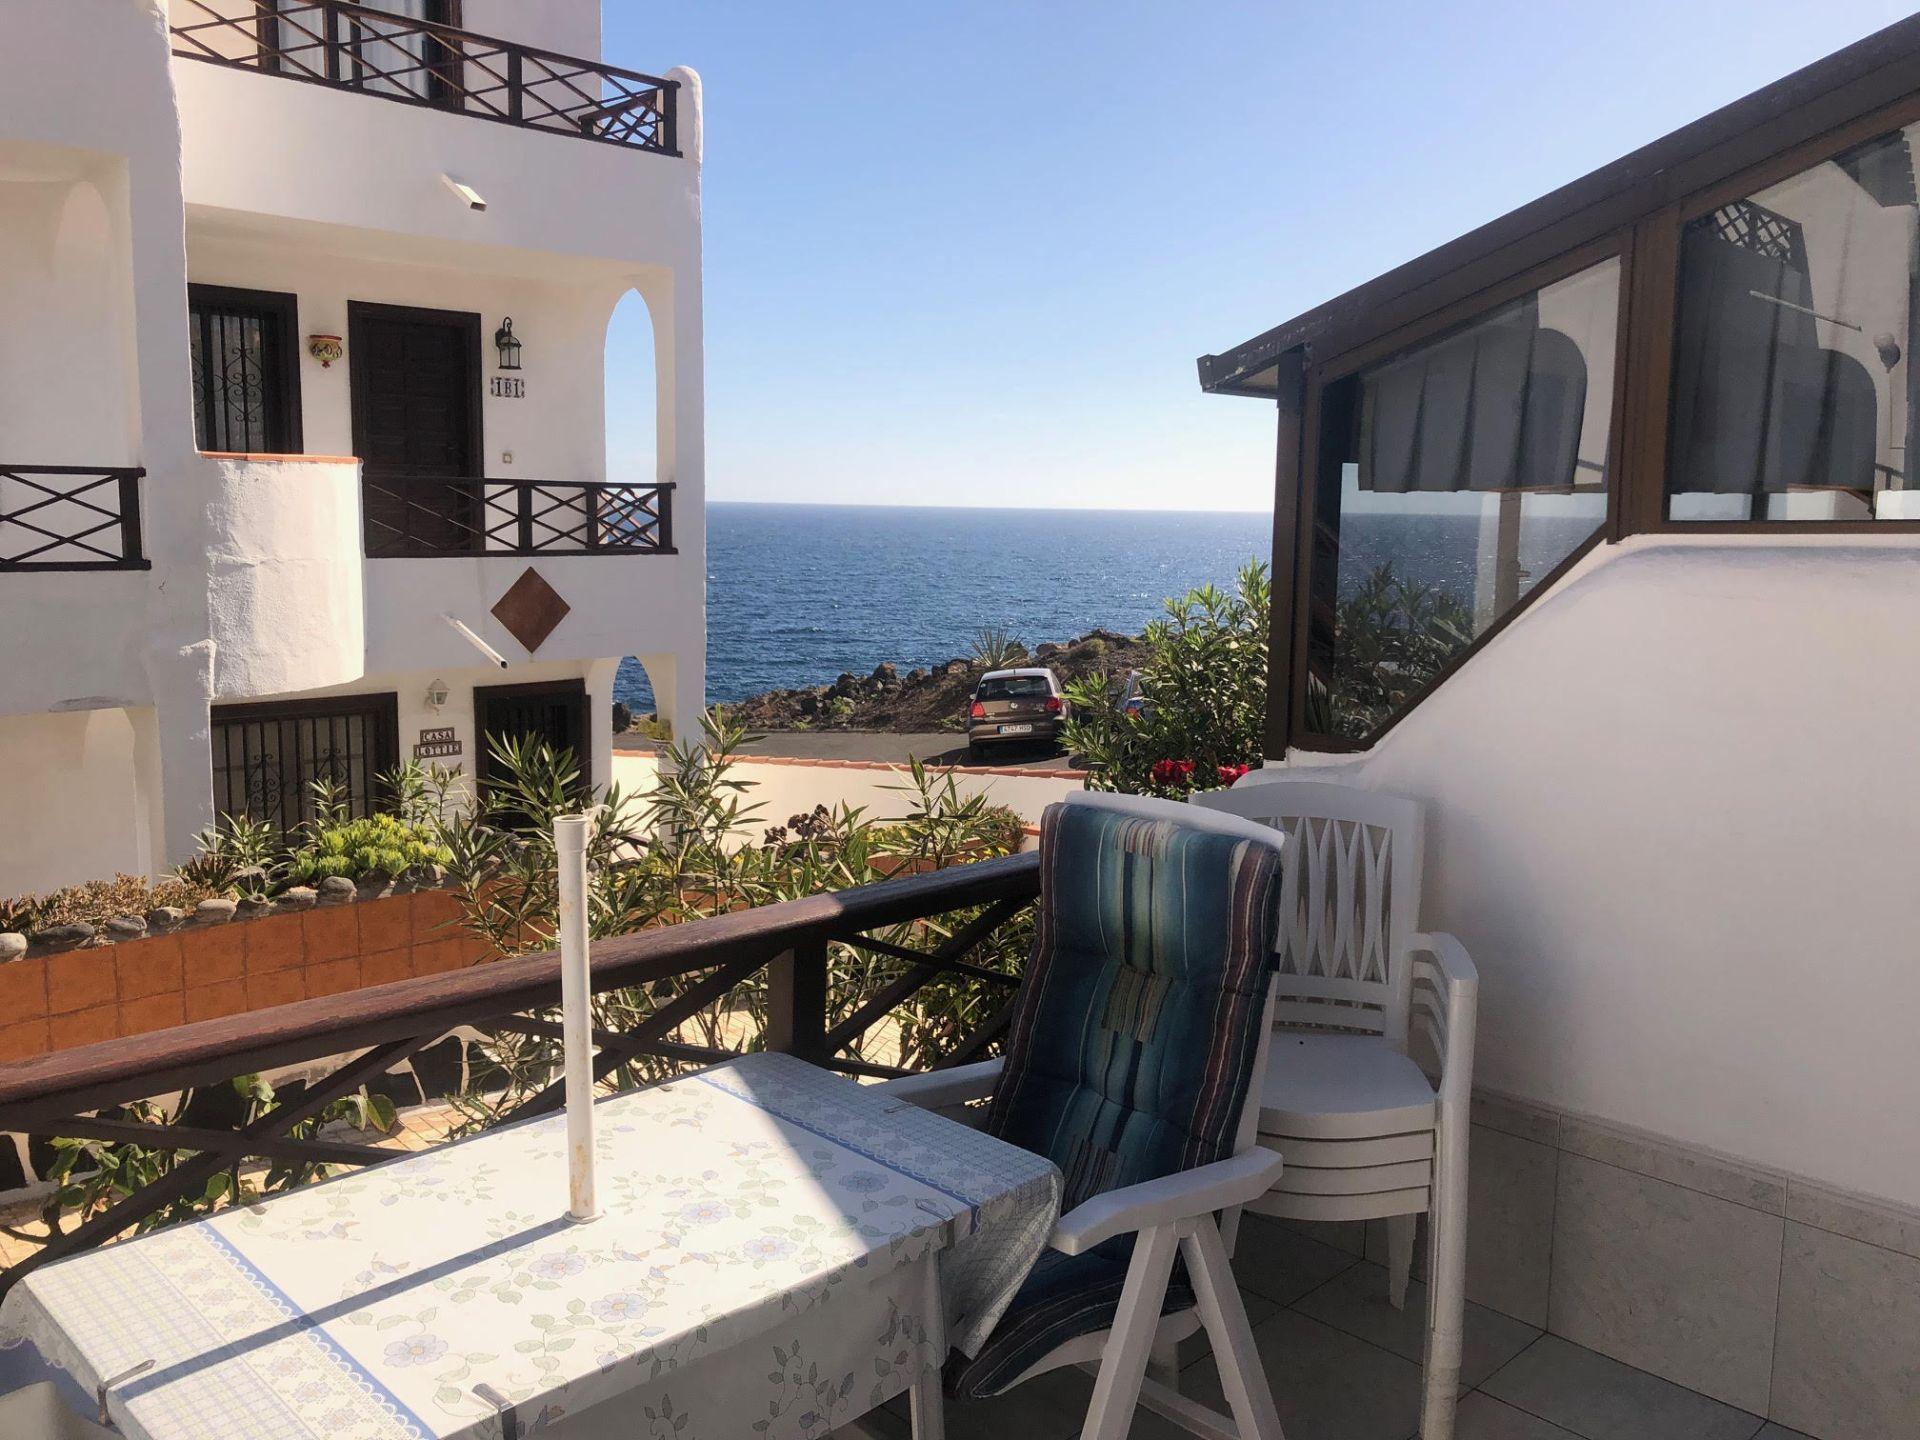 Apartment in Costa del Silencio, Costa del Silencio, for sale